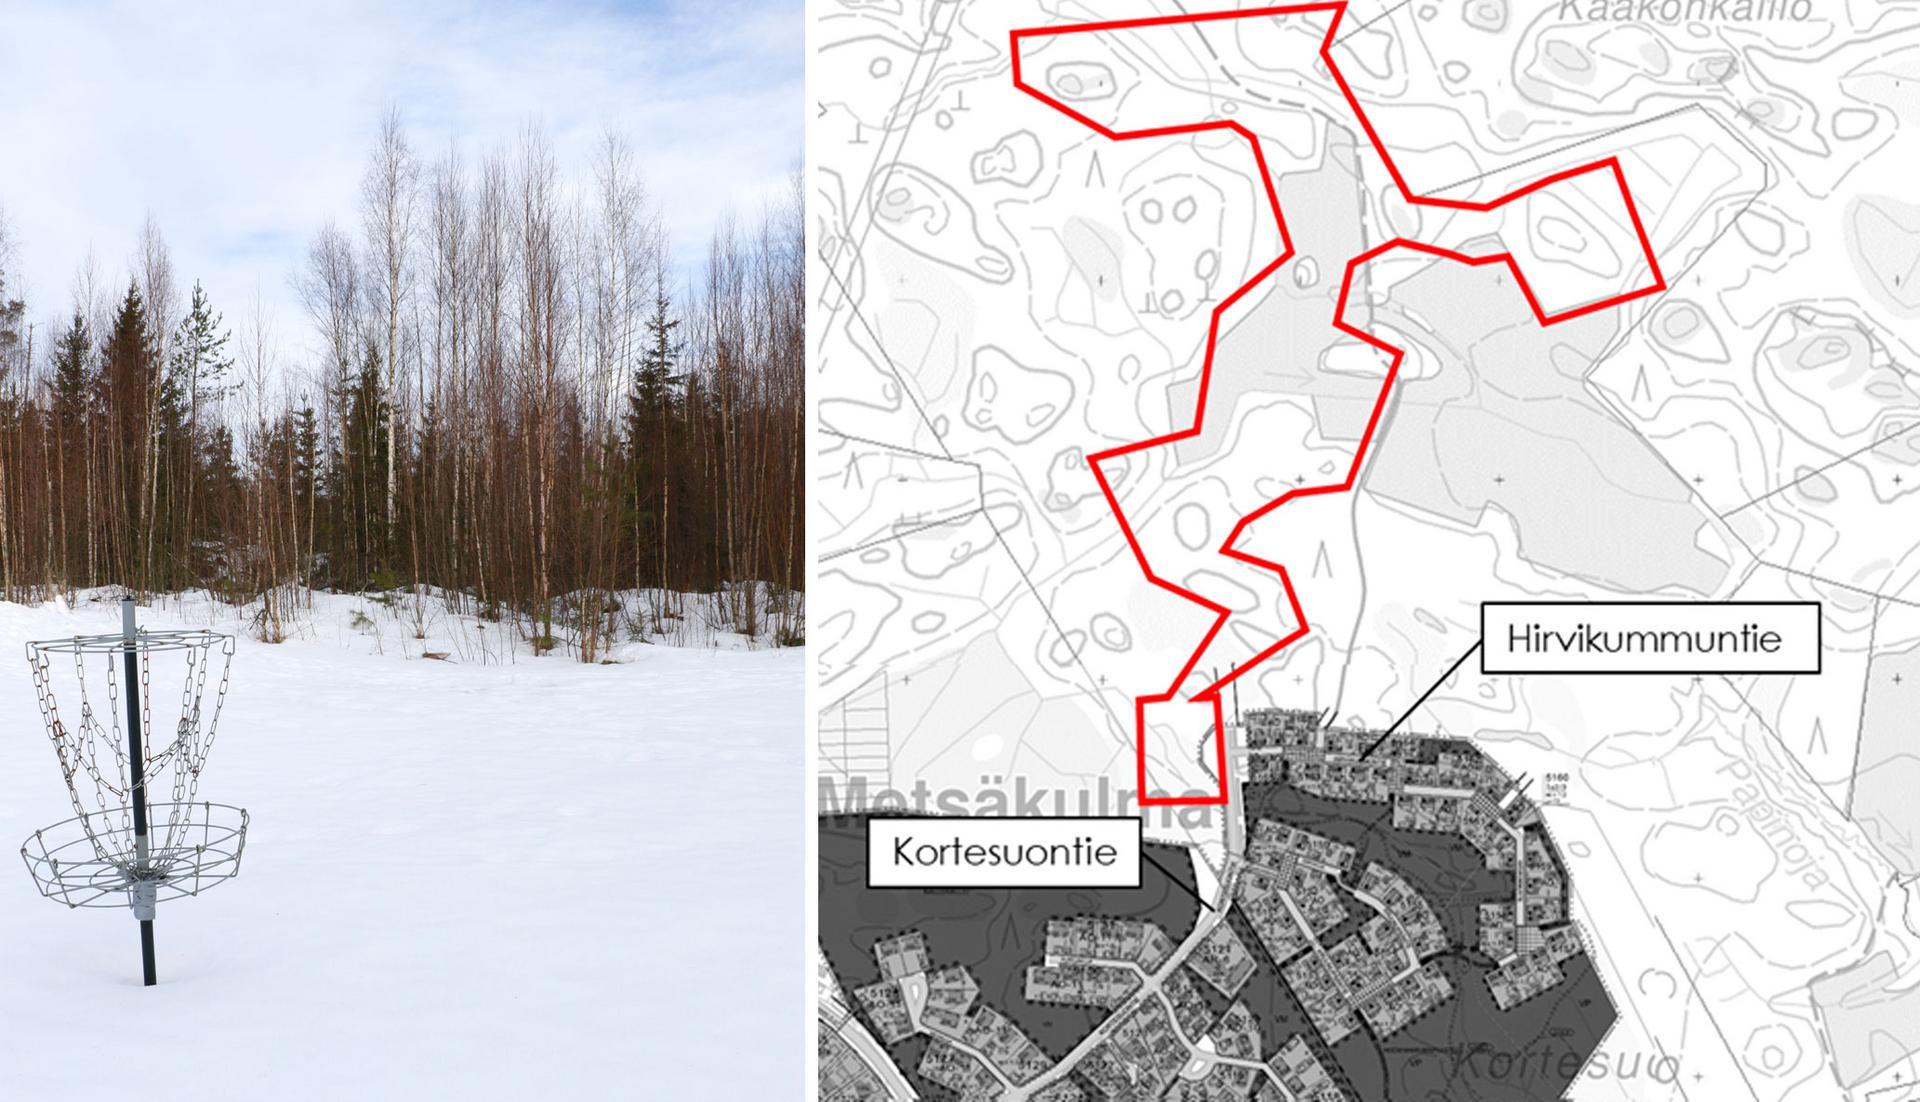 Kortekummun asuinalueen tuntumaan on tarkoitus rakentaa frisbeegolfrata. Kartta: Kangasalan kaupunki, kuva Eija Koivu